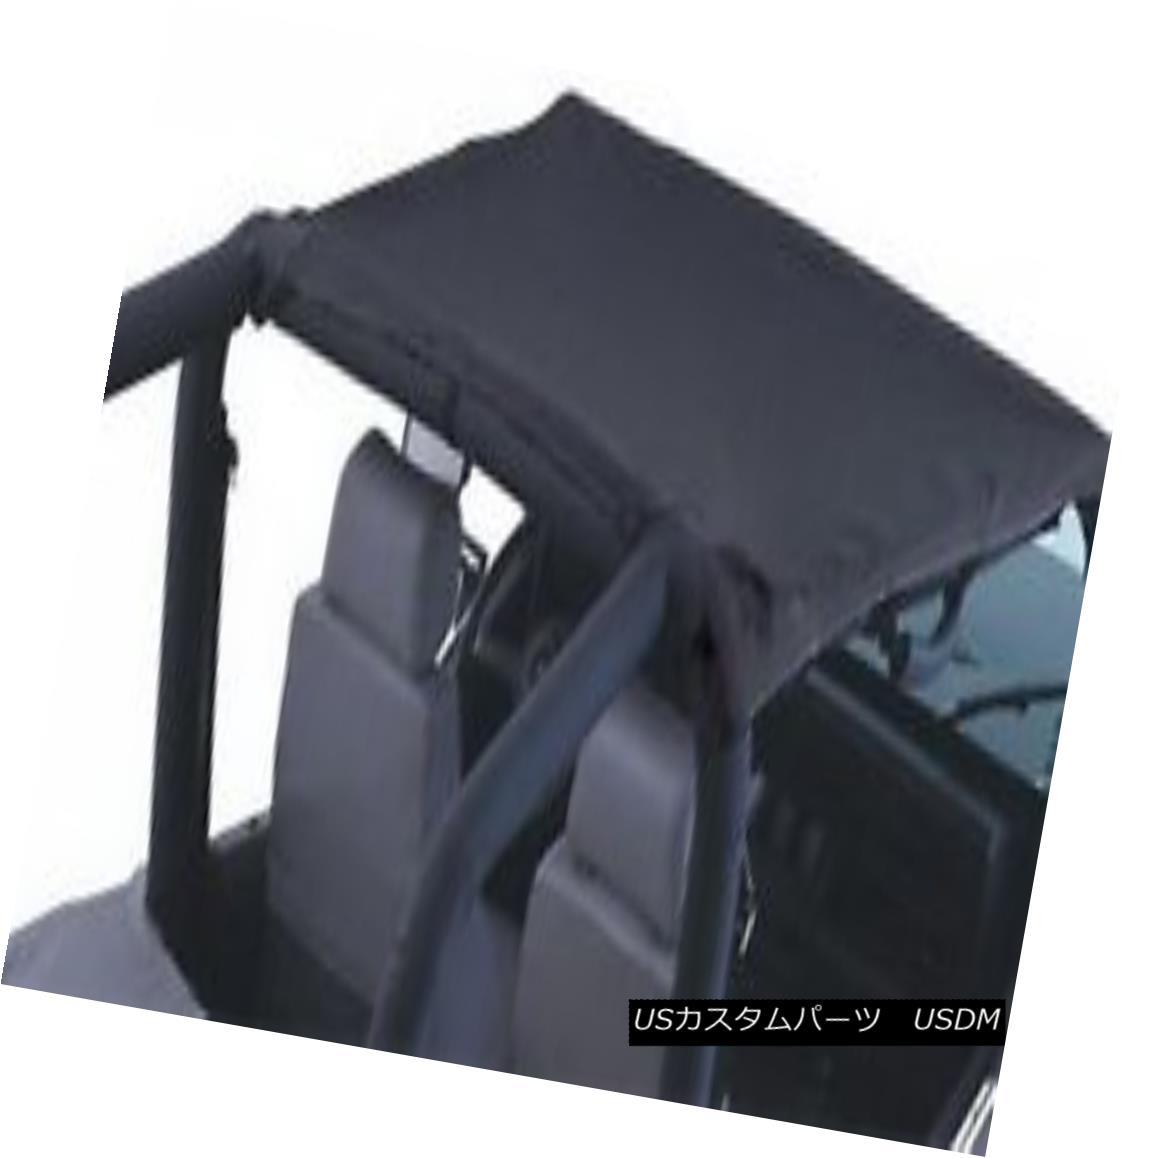 幌・ソフトトップ Rampage 90701 California Brief Soft Top Black 76-86 CJ7 ランペイジ90701カリフォルニアブリーフソフトトップブラック76-86 CJ7